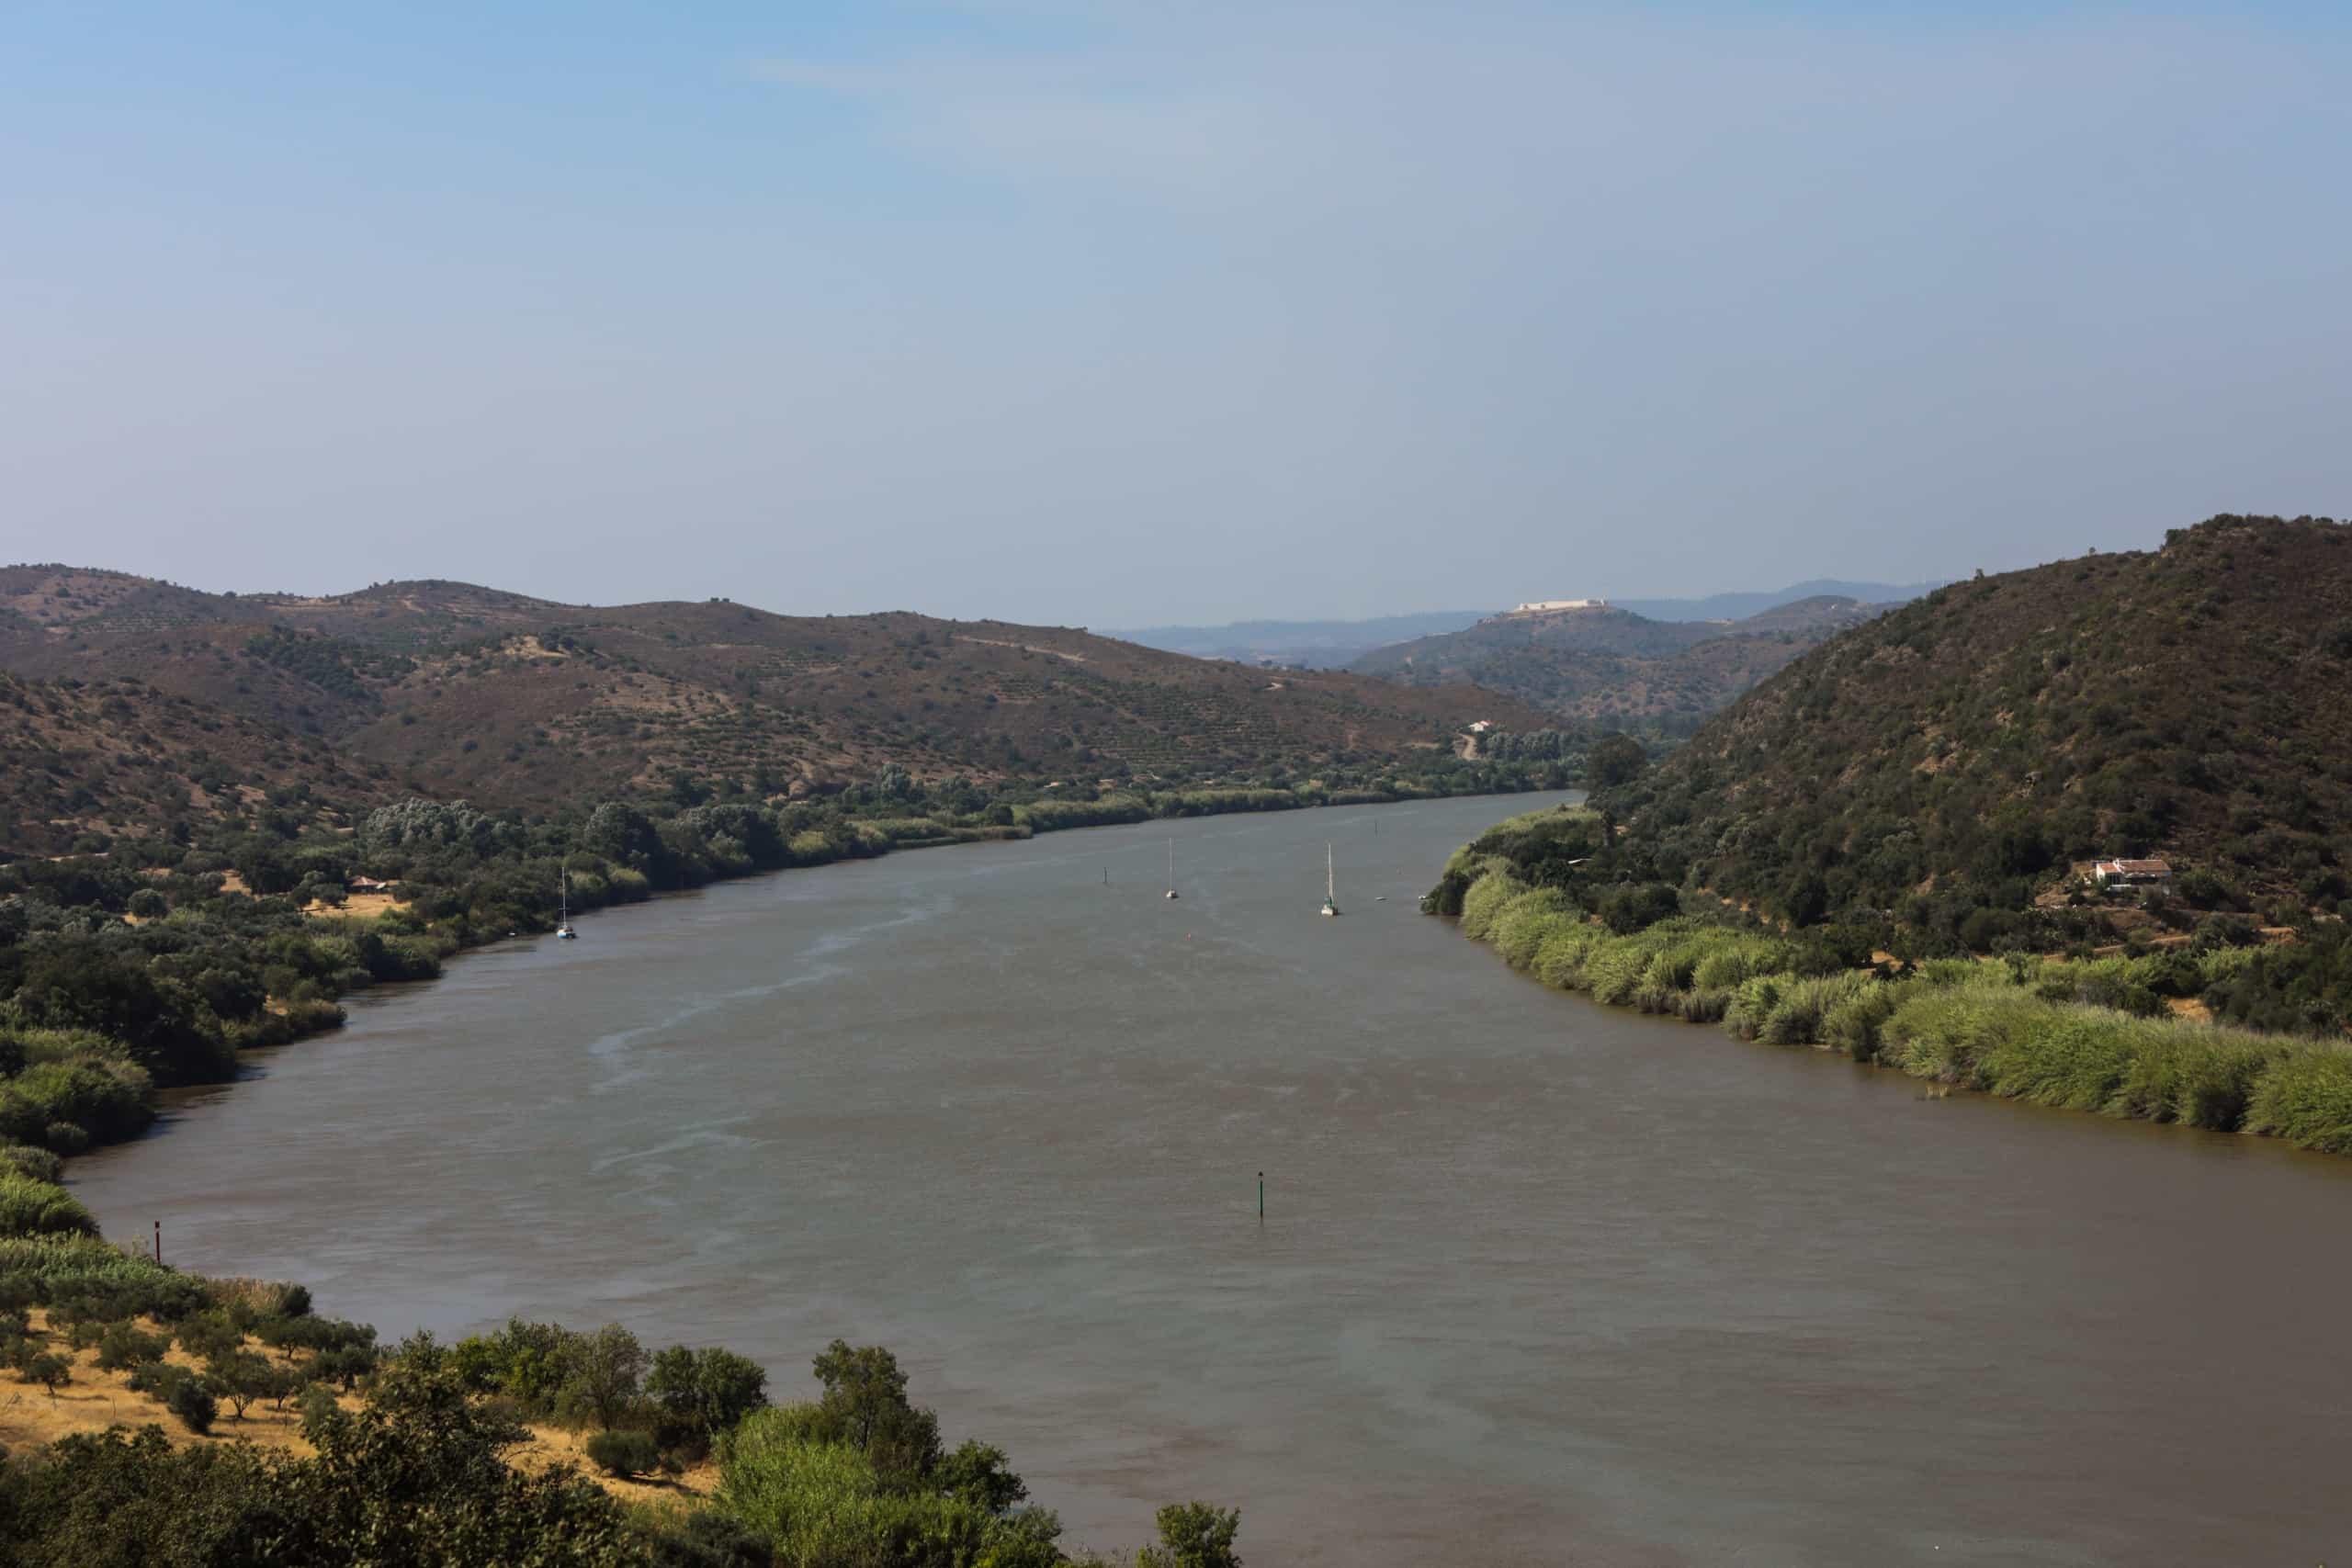 Em novembro havia mais água em todas as bacias hidrográficas do país